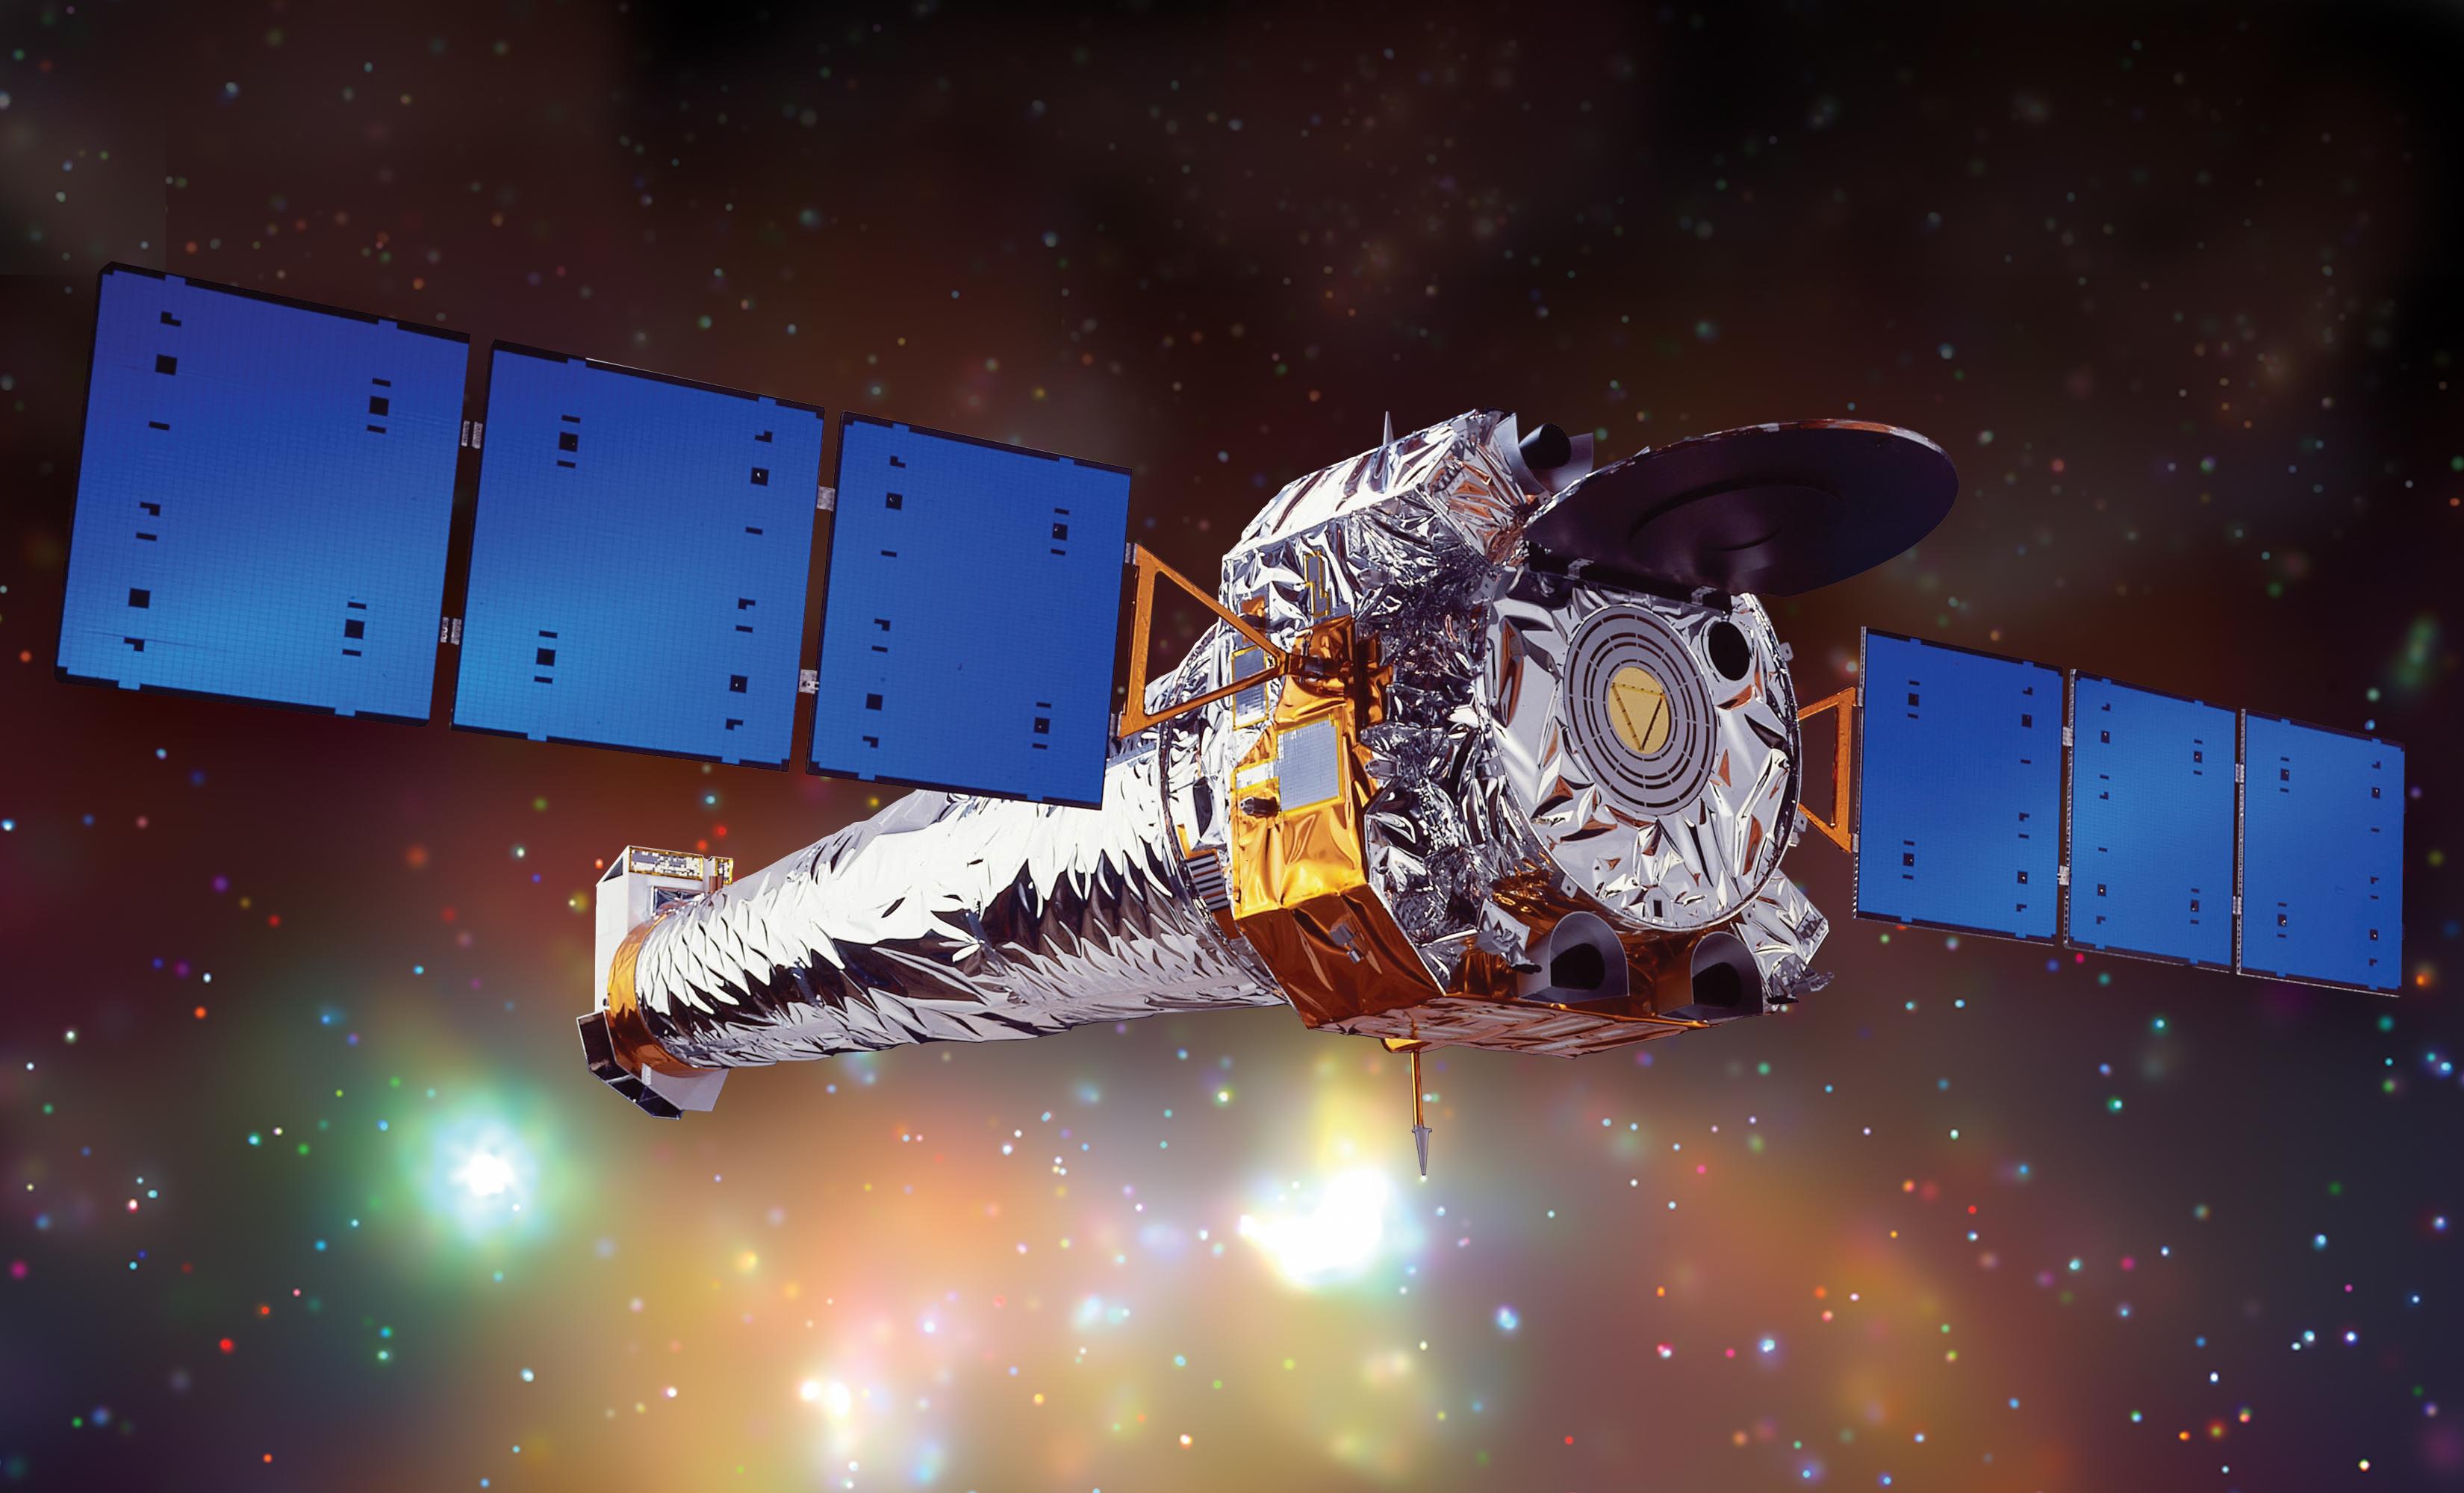 Obserwatorium rentgenowskie Chandra krąży wokół Ziemi w odległości około 86 500 mil